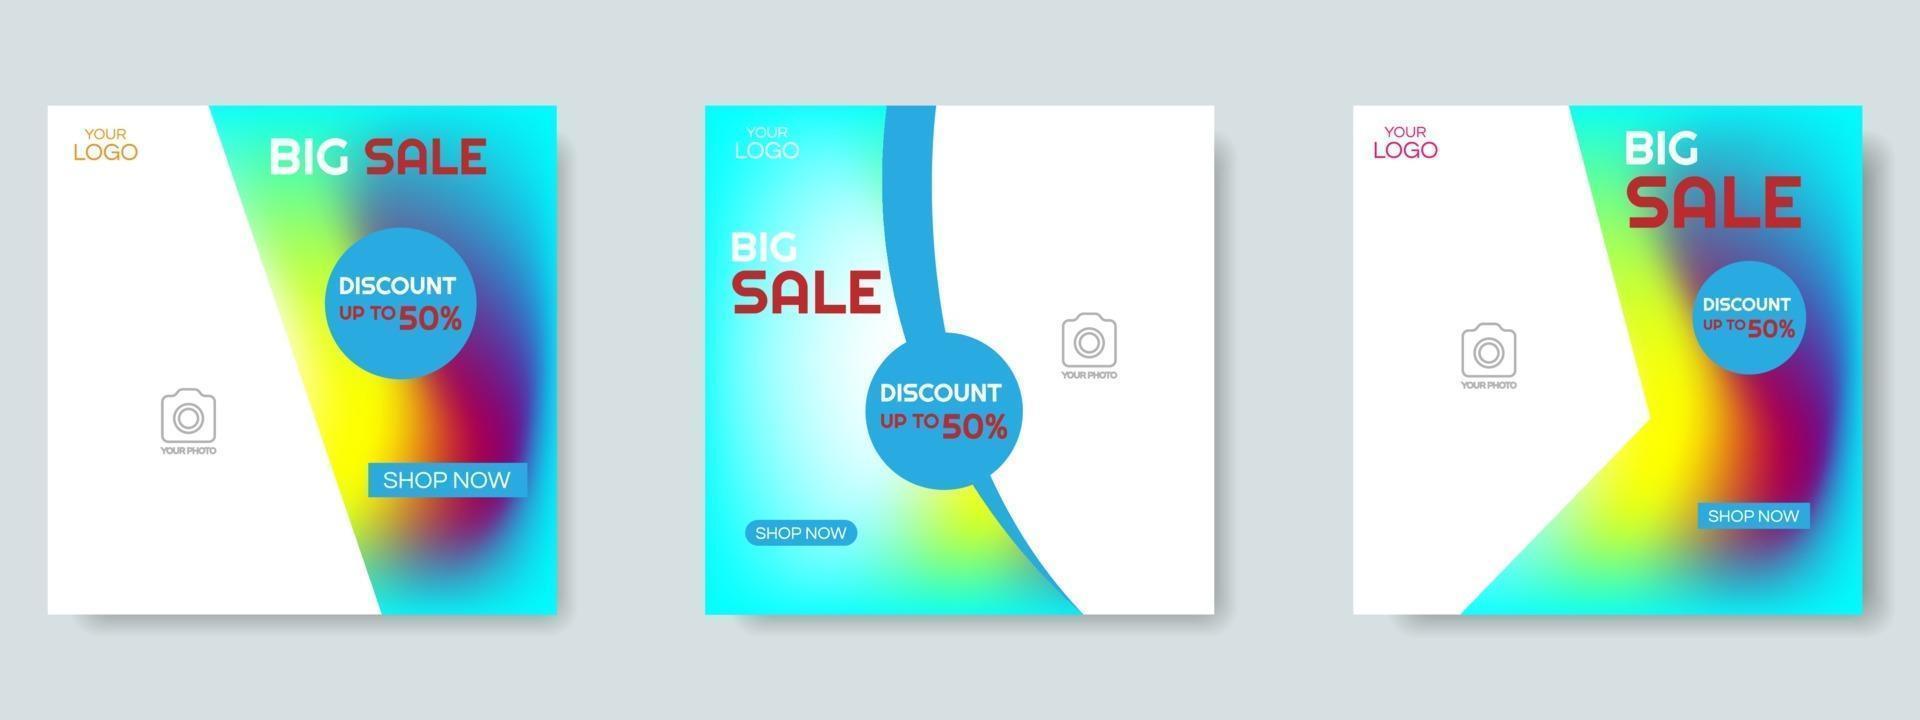 modello di progettazione post social media di vendita di moda. vettore di banner web